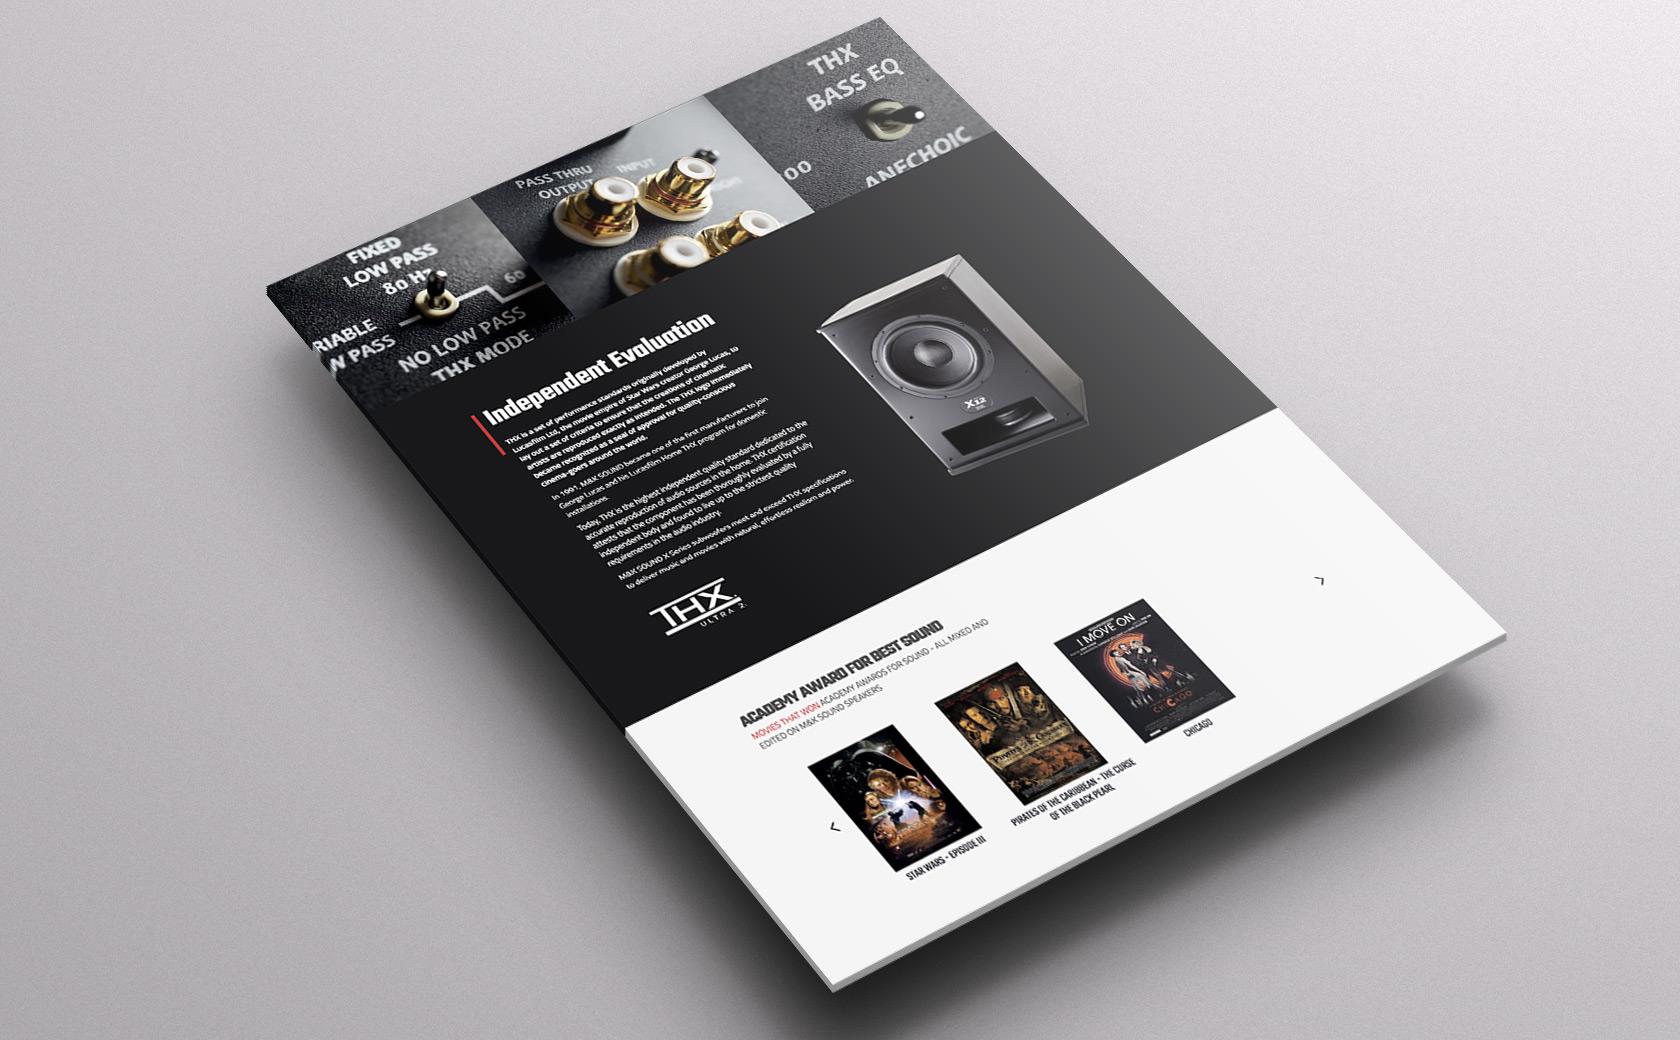 MKSound_iPad-flowed_11.jpg